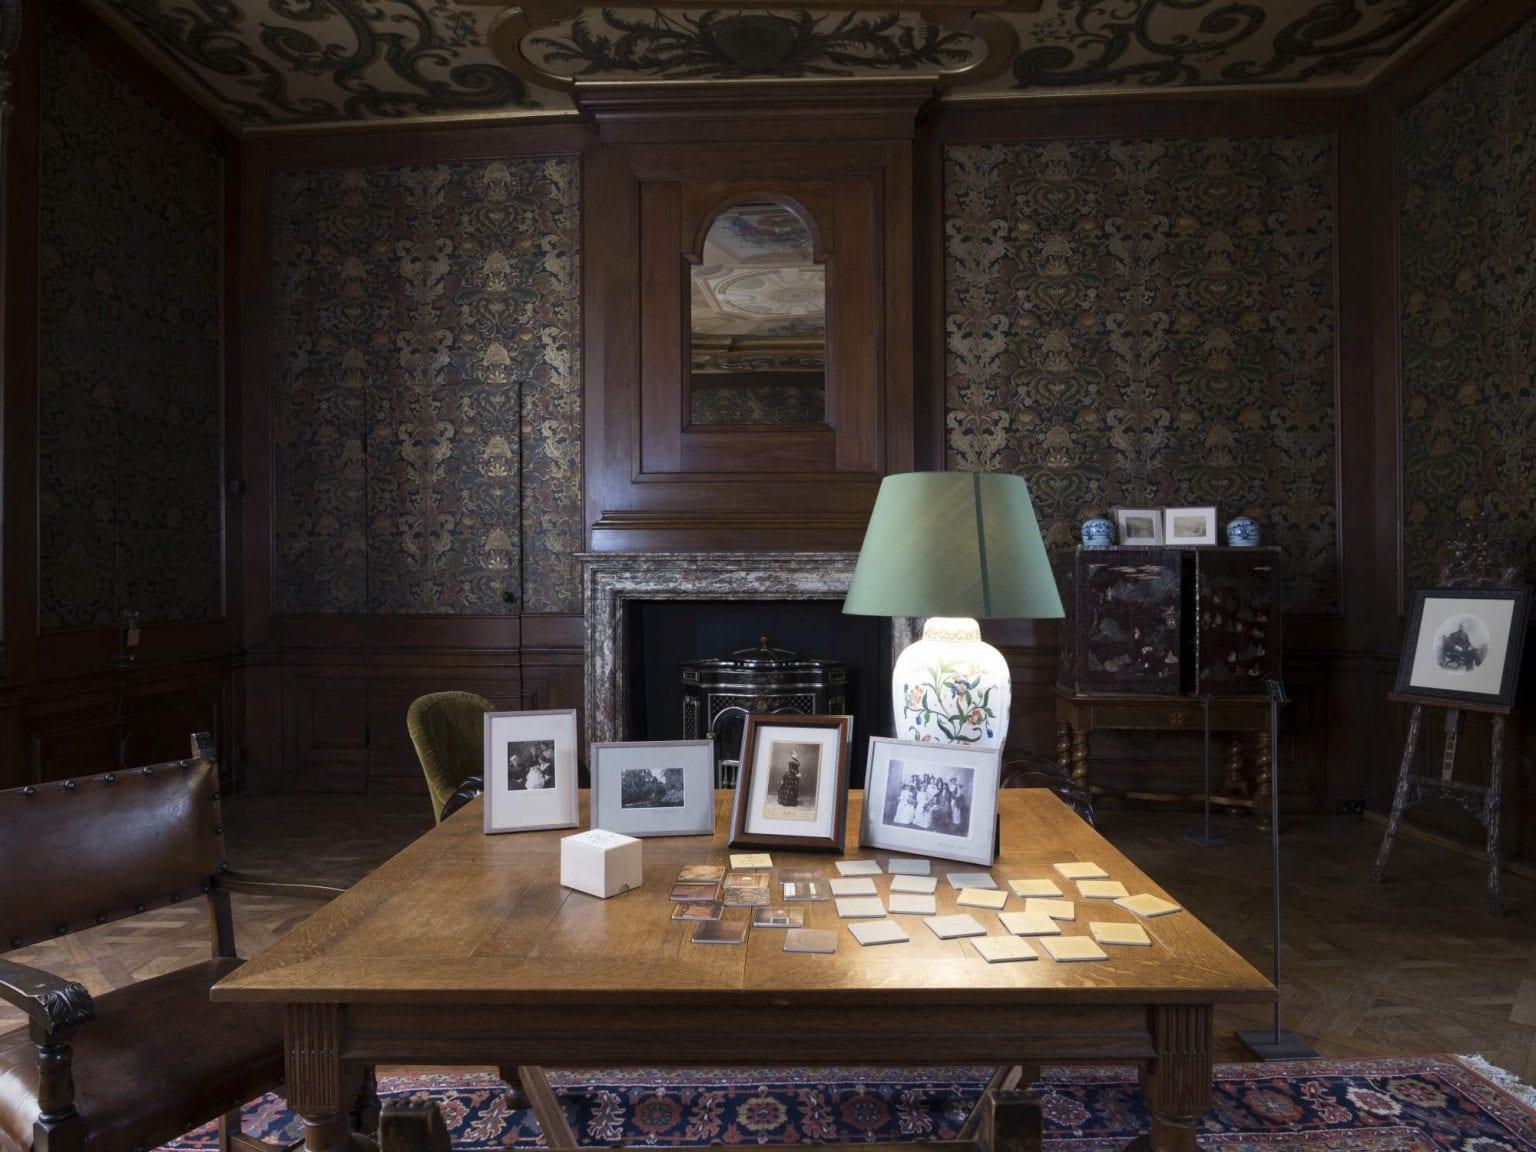 Vereniging Hendrick de Keyser, Huis Bartolotti, Herengracht 170-172, museumhuis